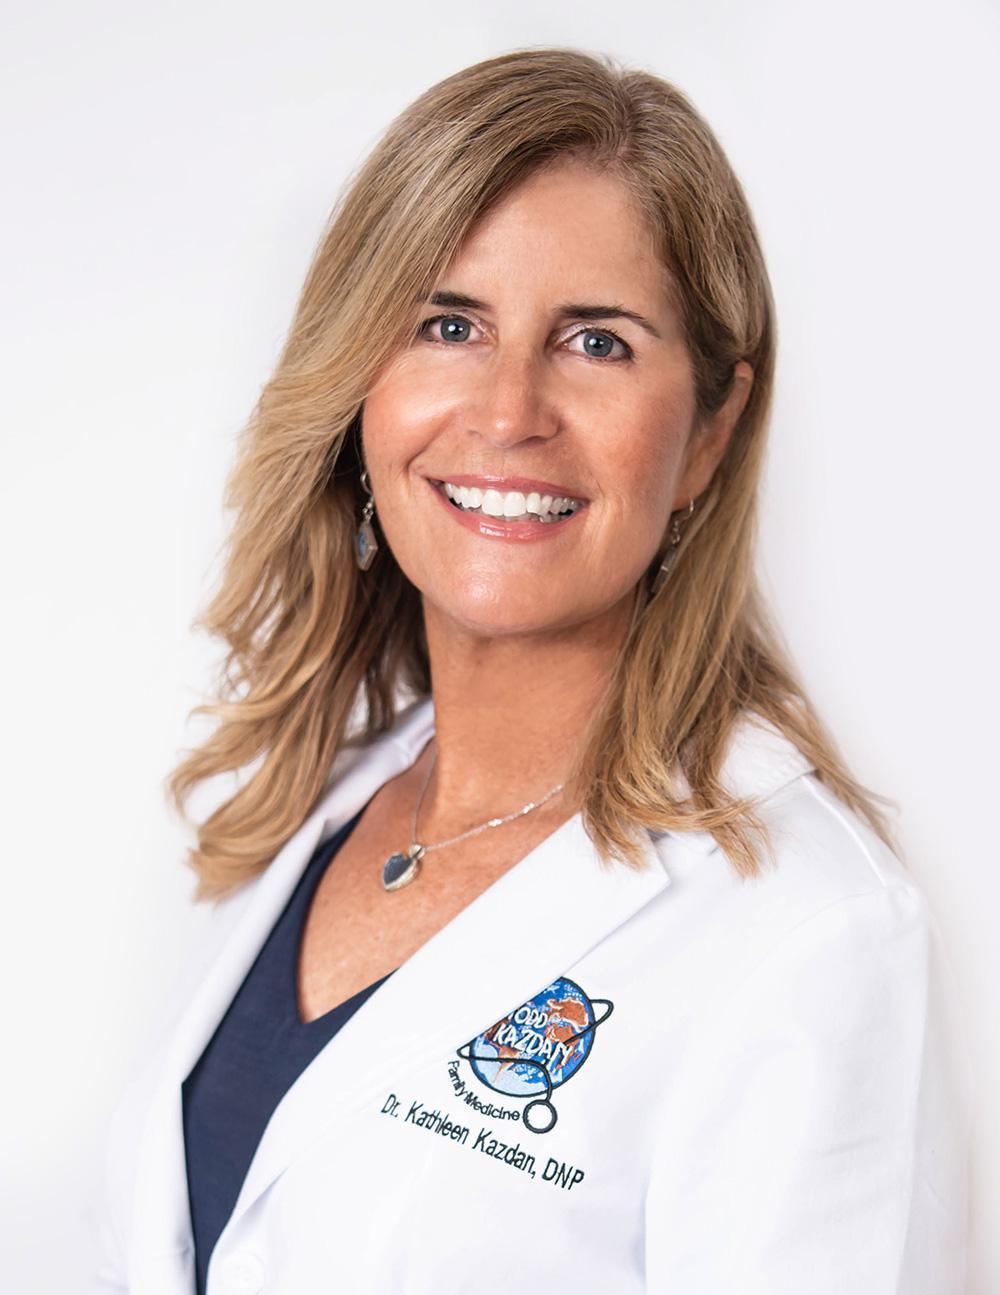 Dr Kathleen Kazdan